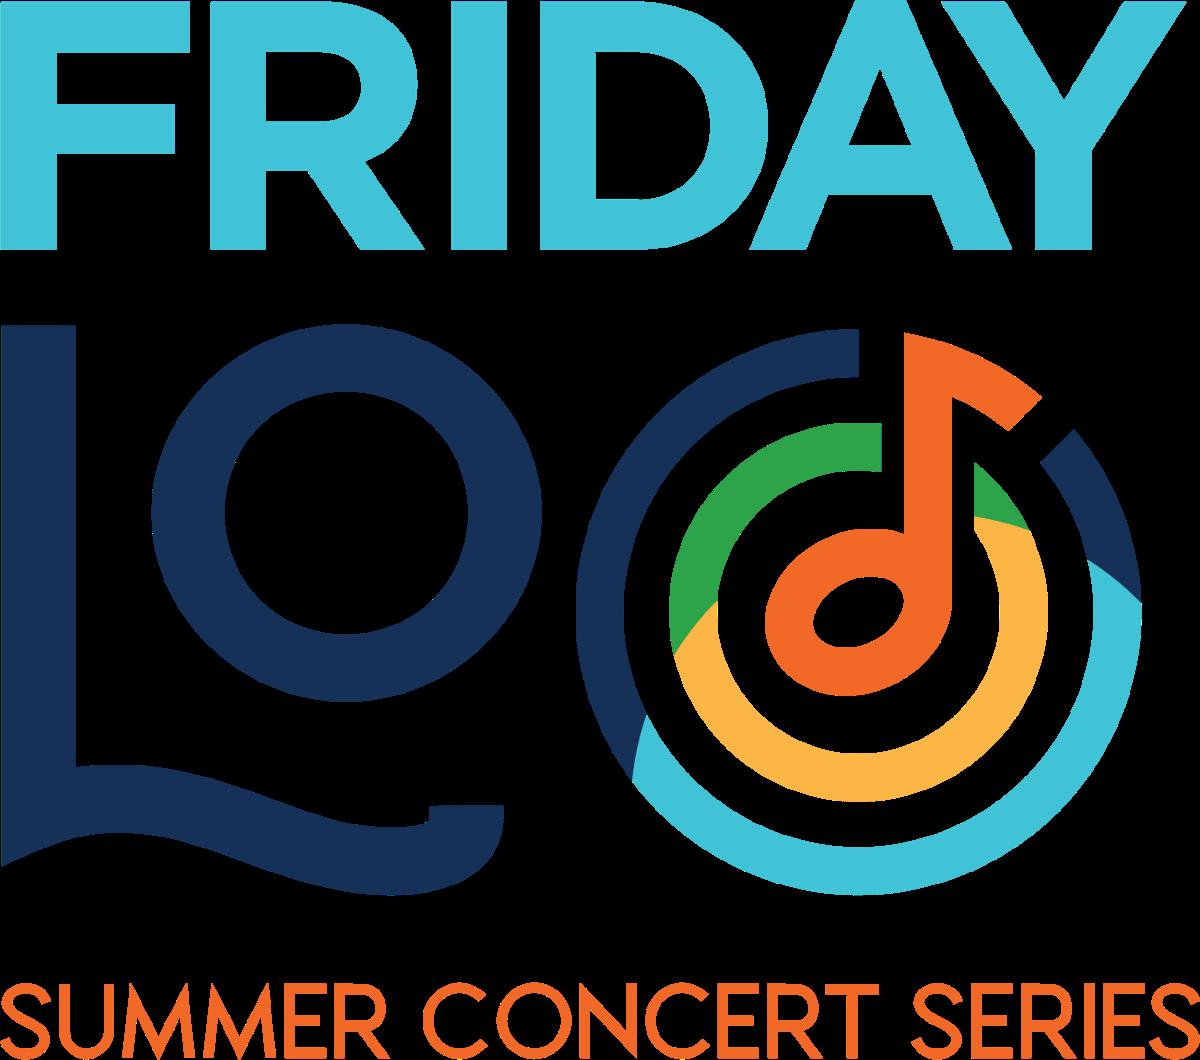 FridayLoo logo 2020